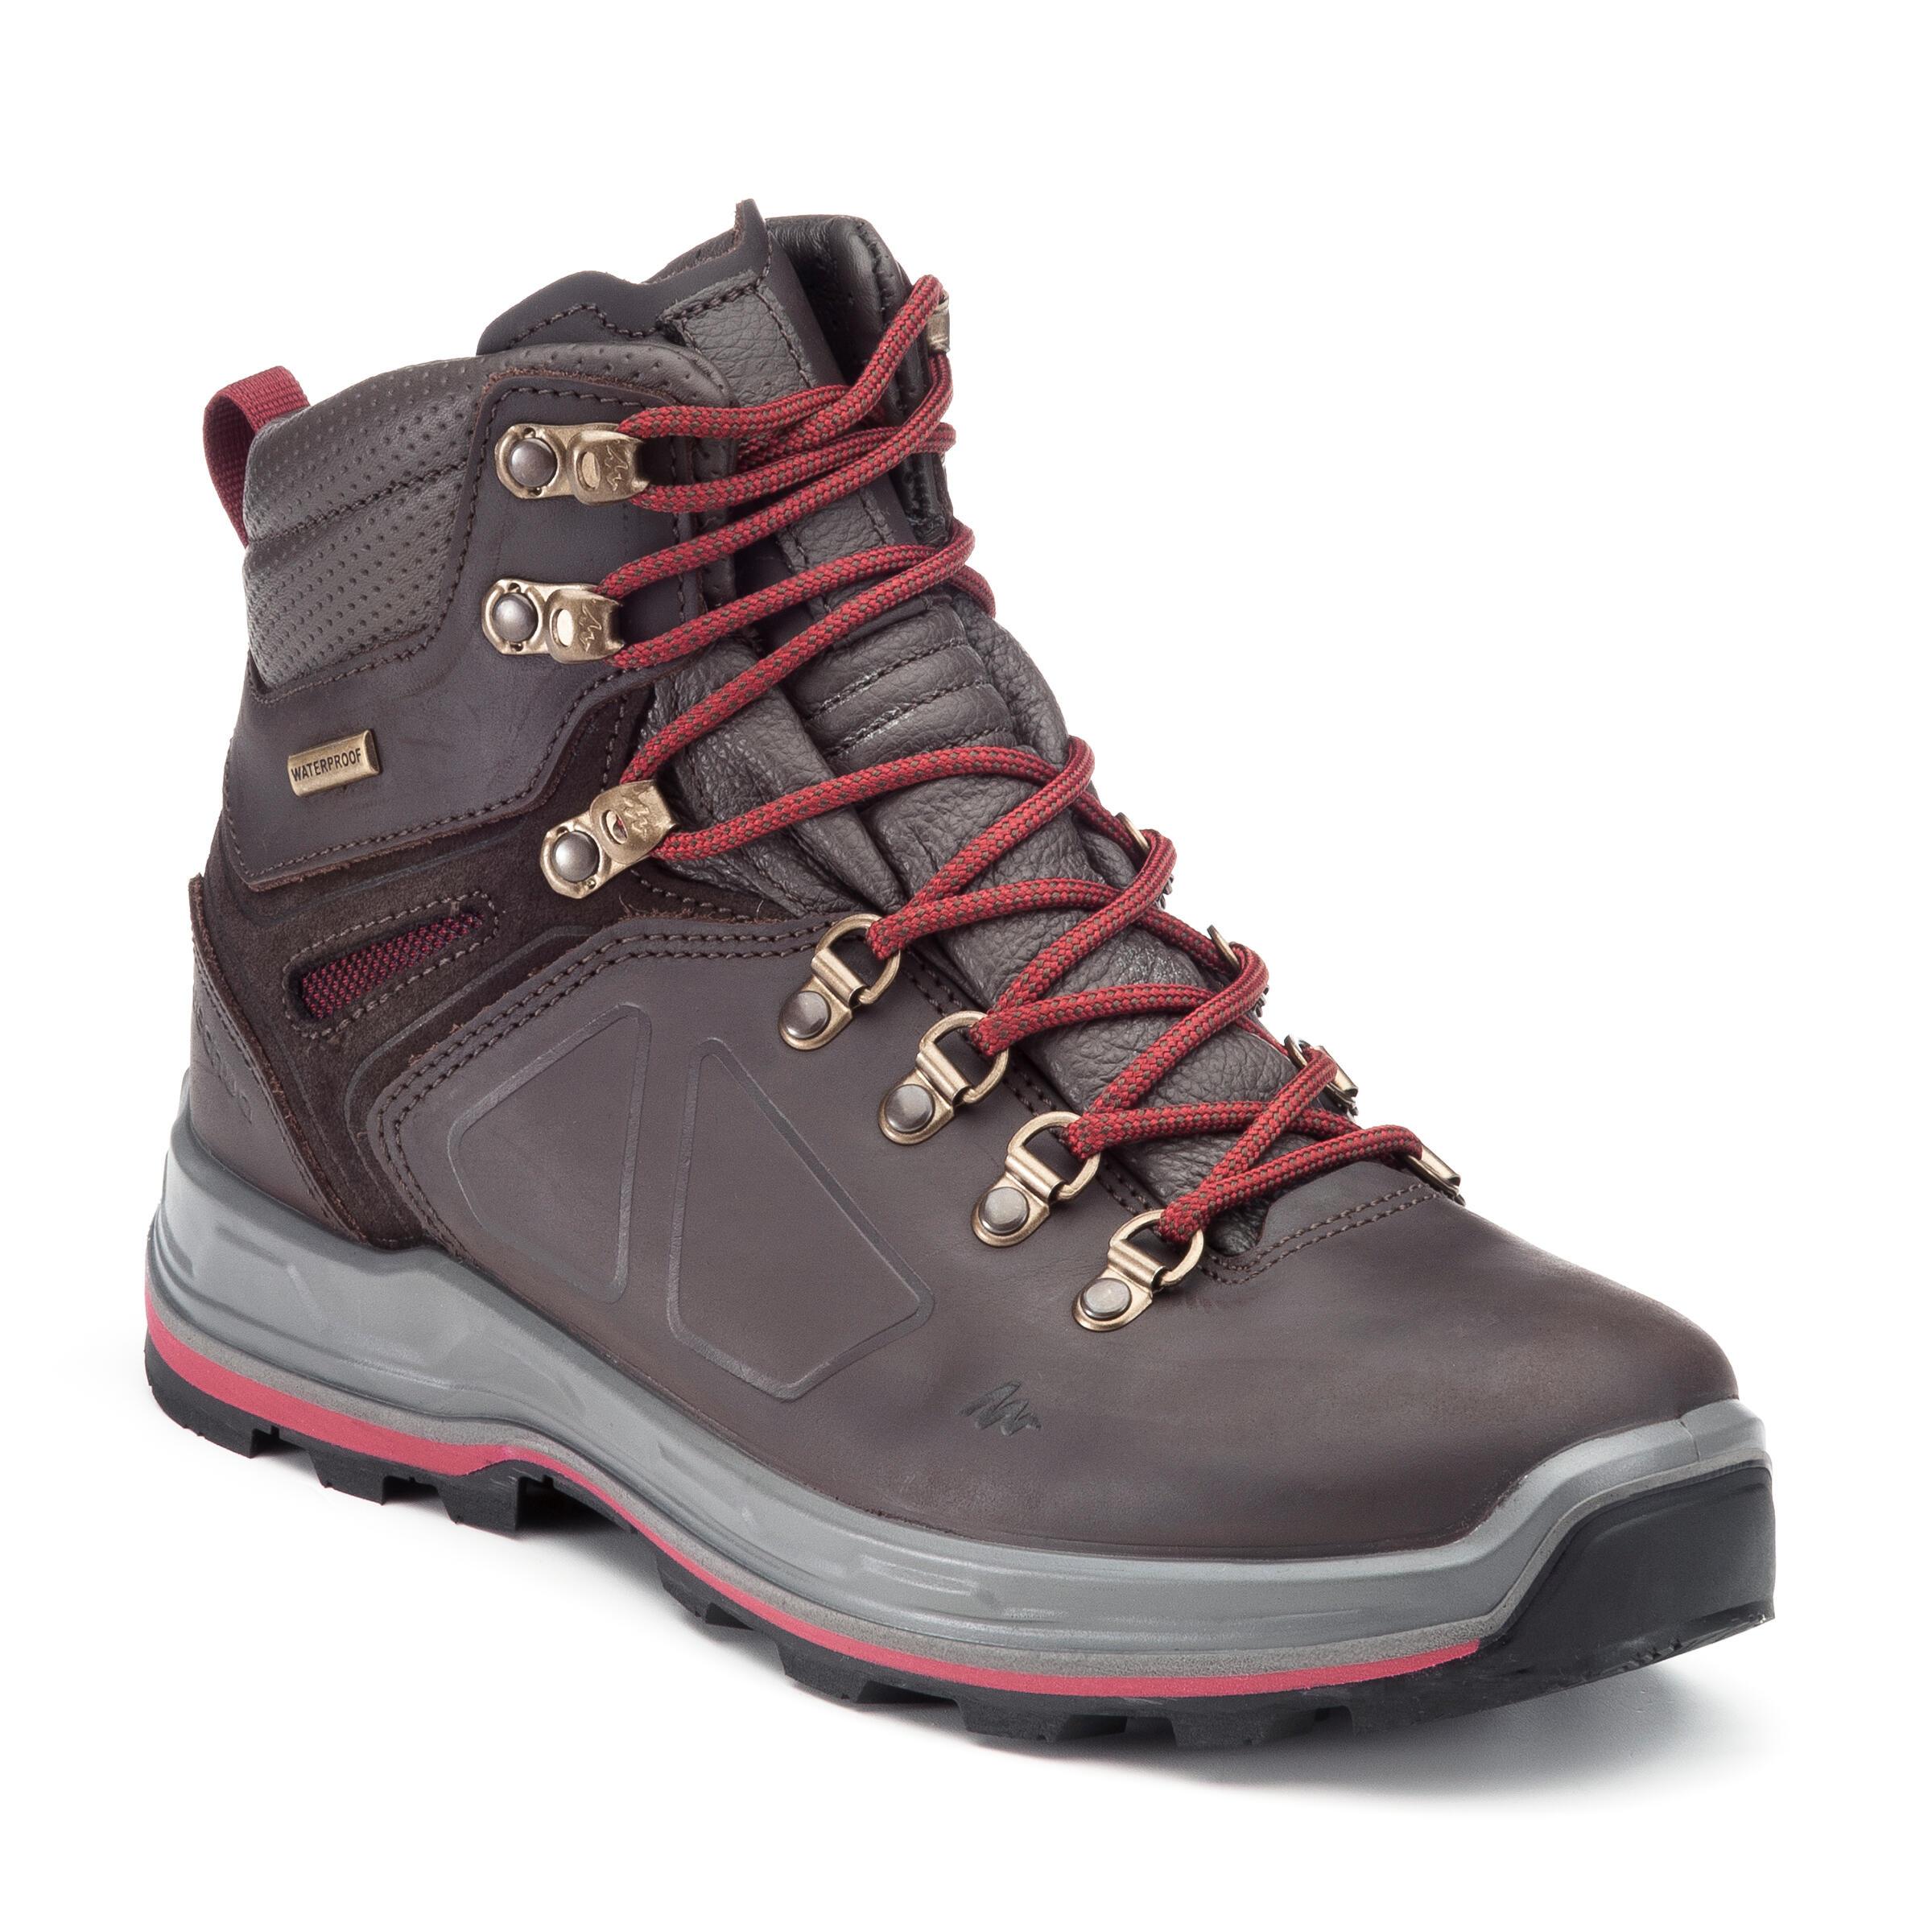 Women's TREK 500 Trekking Shoes